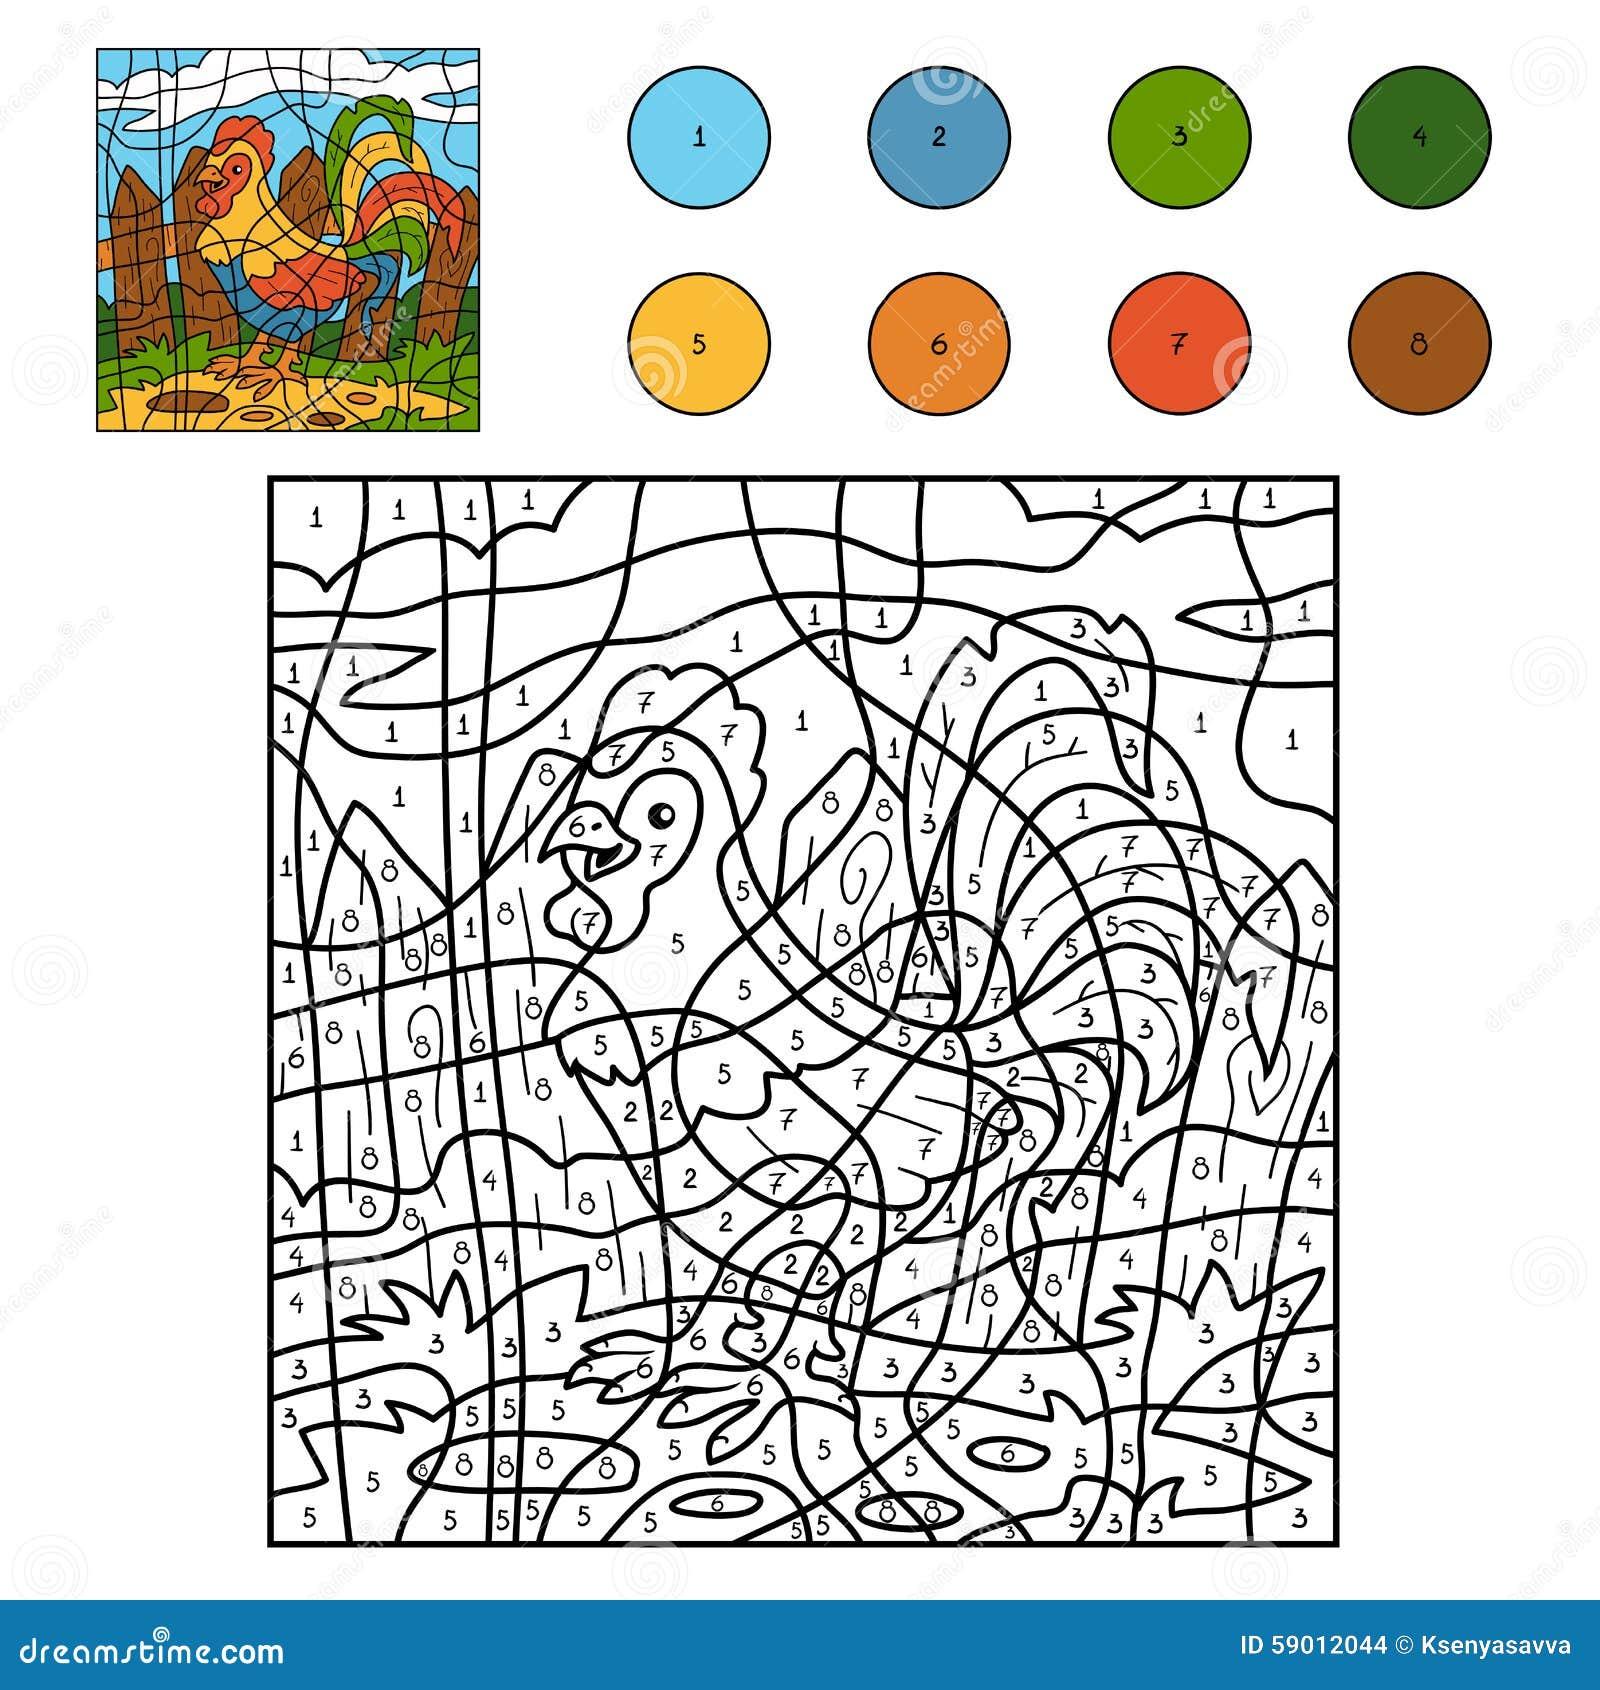 Fein Zahl Färbung Galerie - Druckbare Malvorlagen - amaichi.info